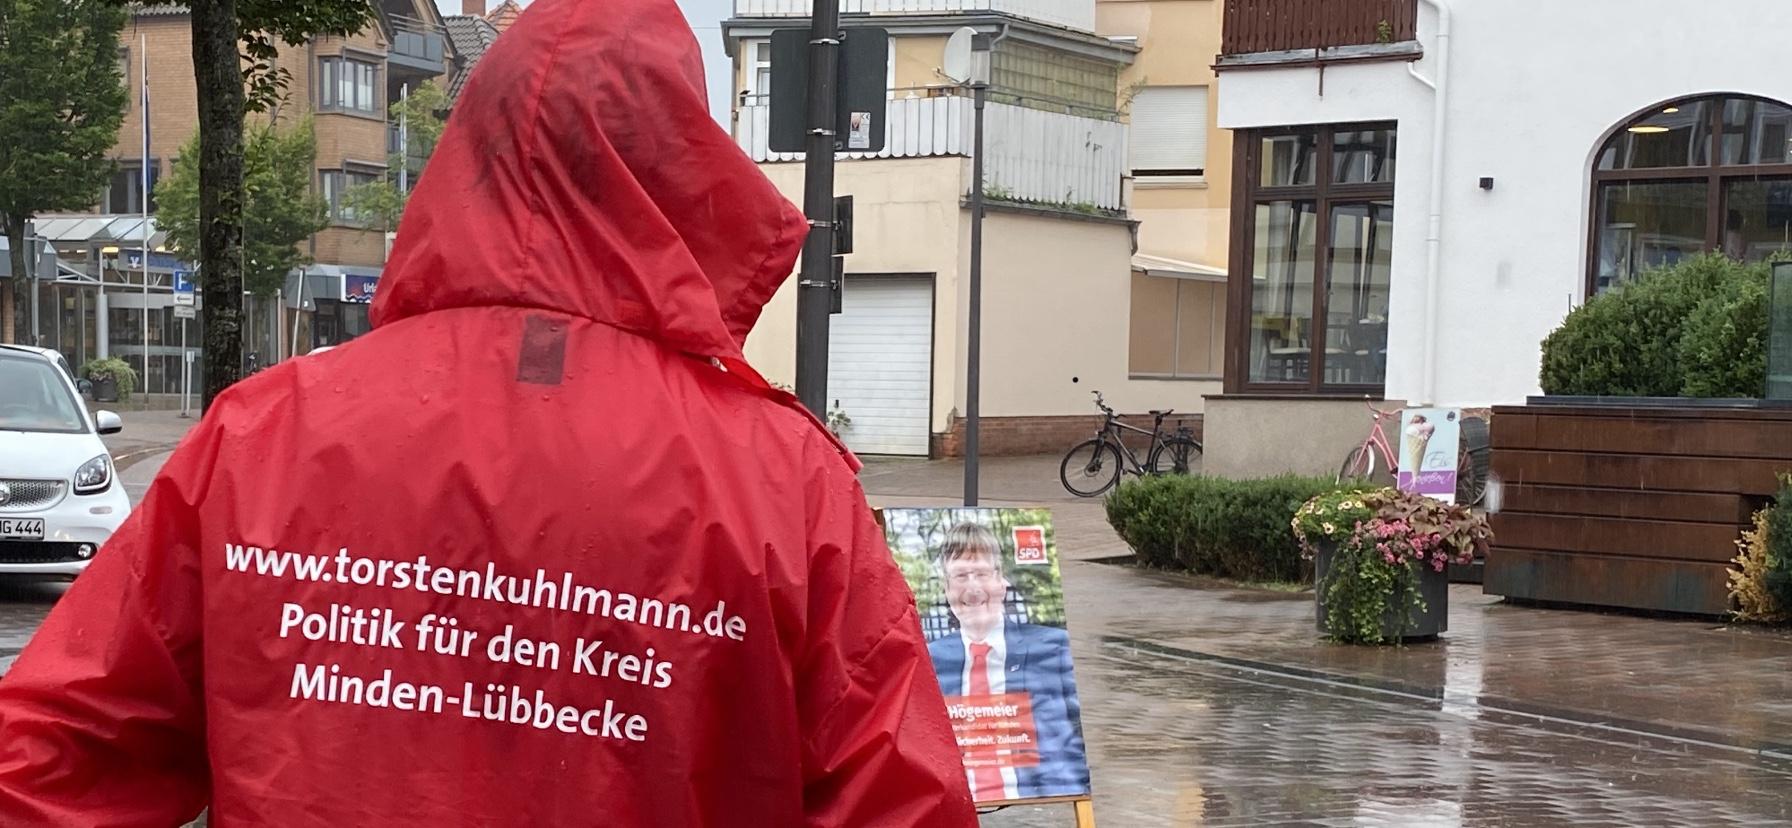 Wahlkampf im Regen